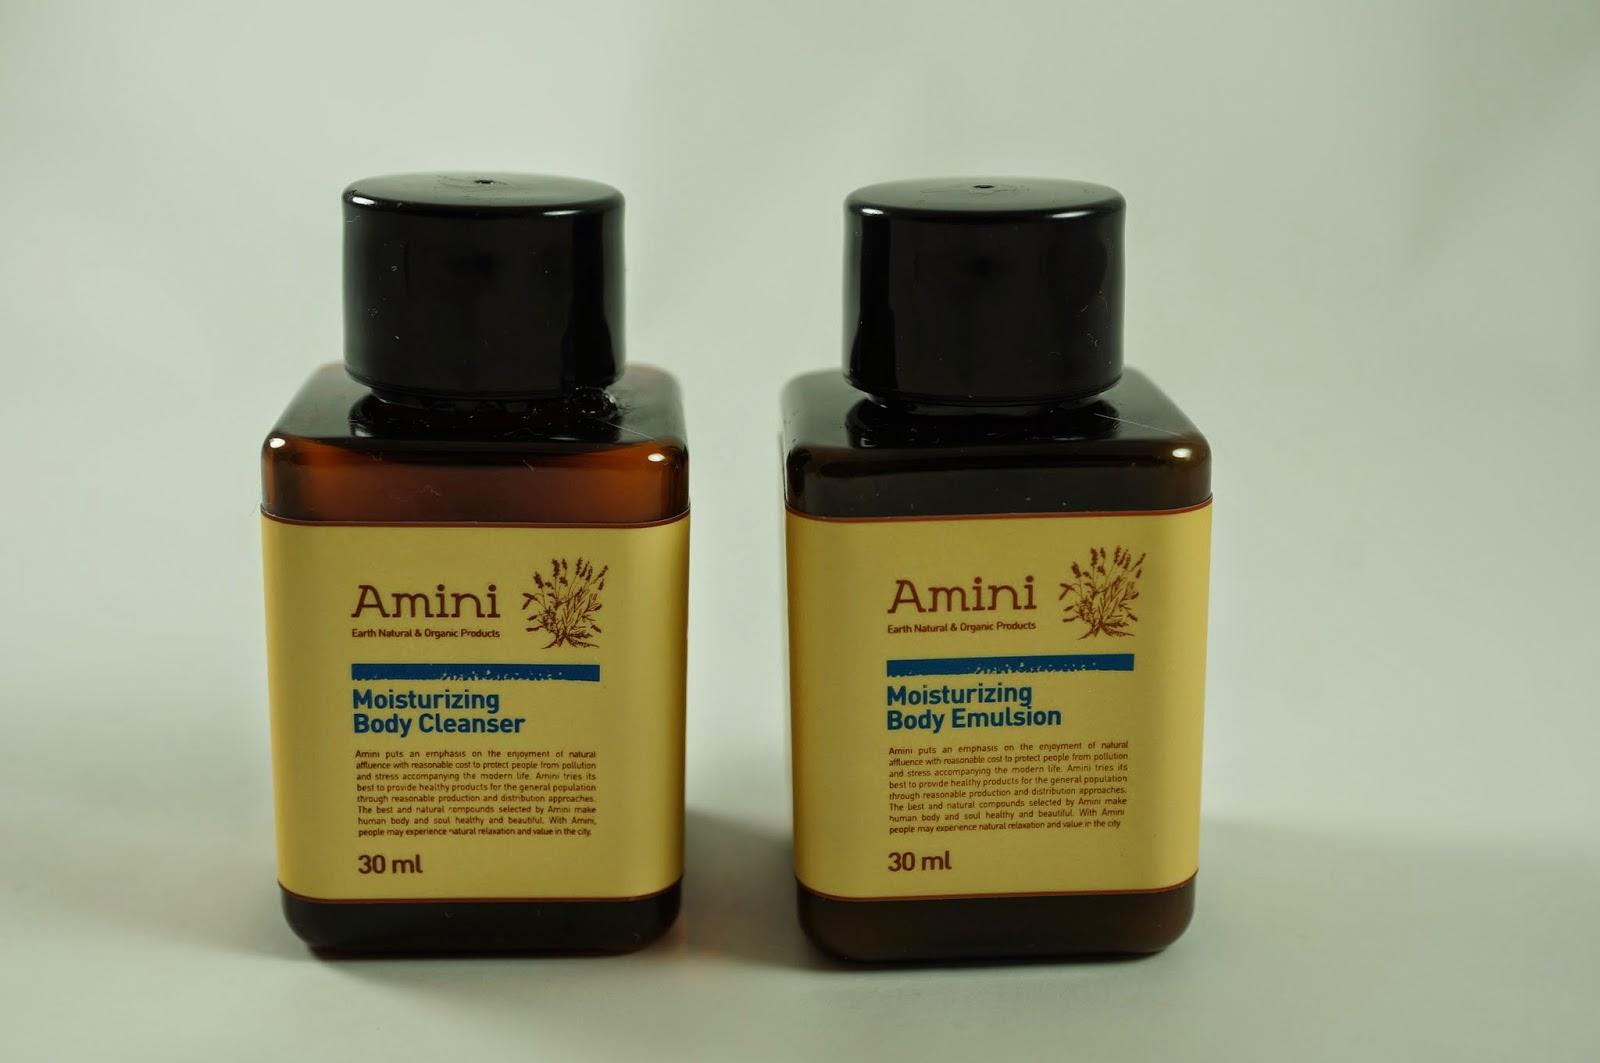 Memebox #25 Traveller's Traveler's Beauty Kit Unboxing Review Amini Traveller Kit Moisturizing Body Cleanser Emulsion